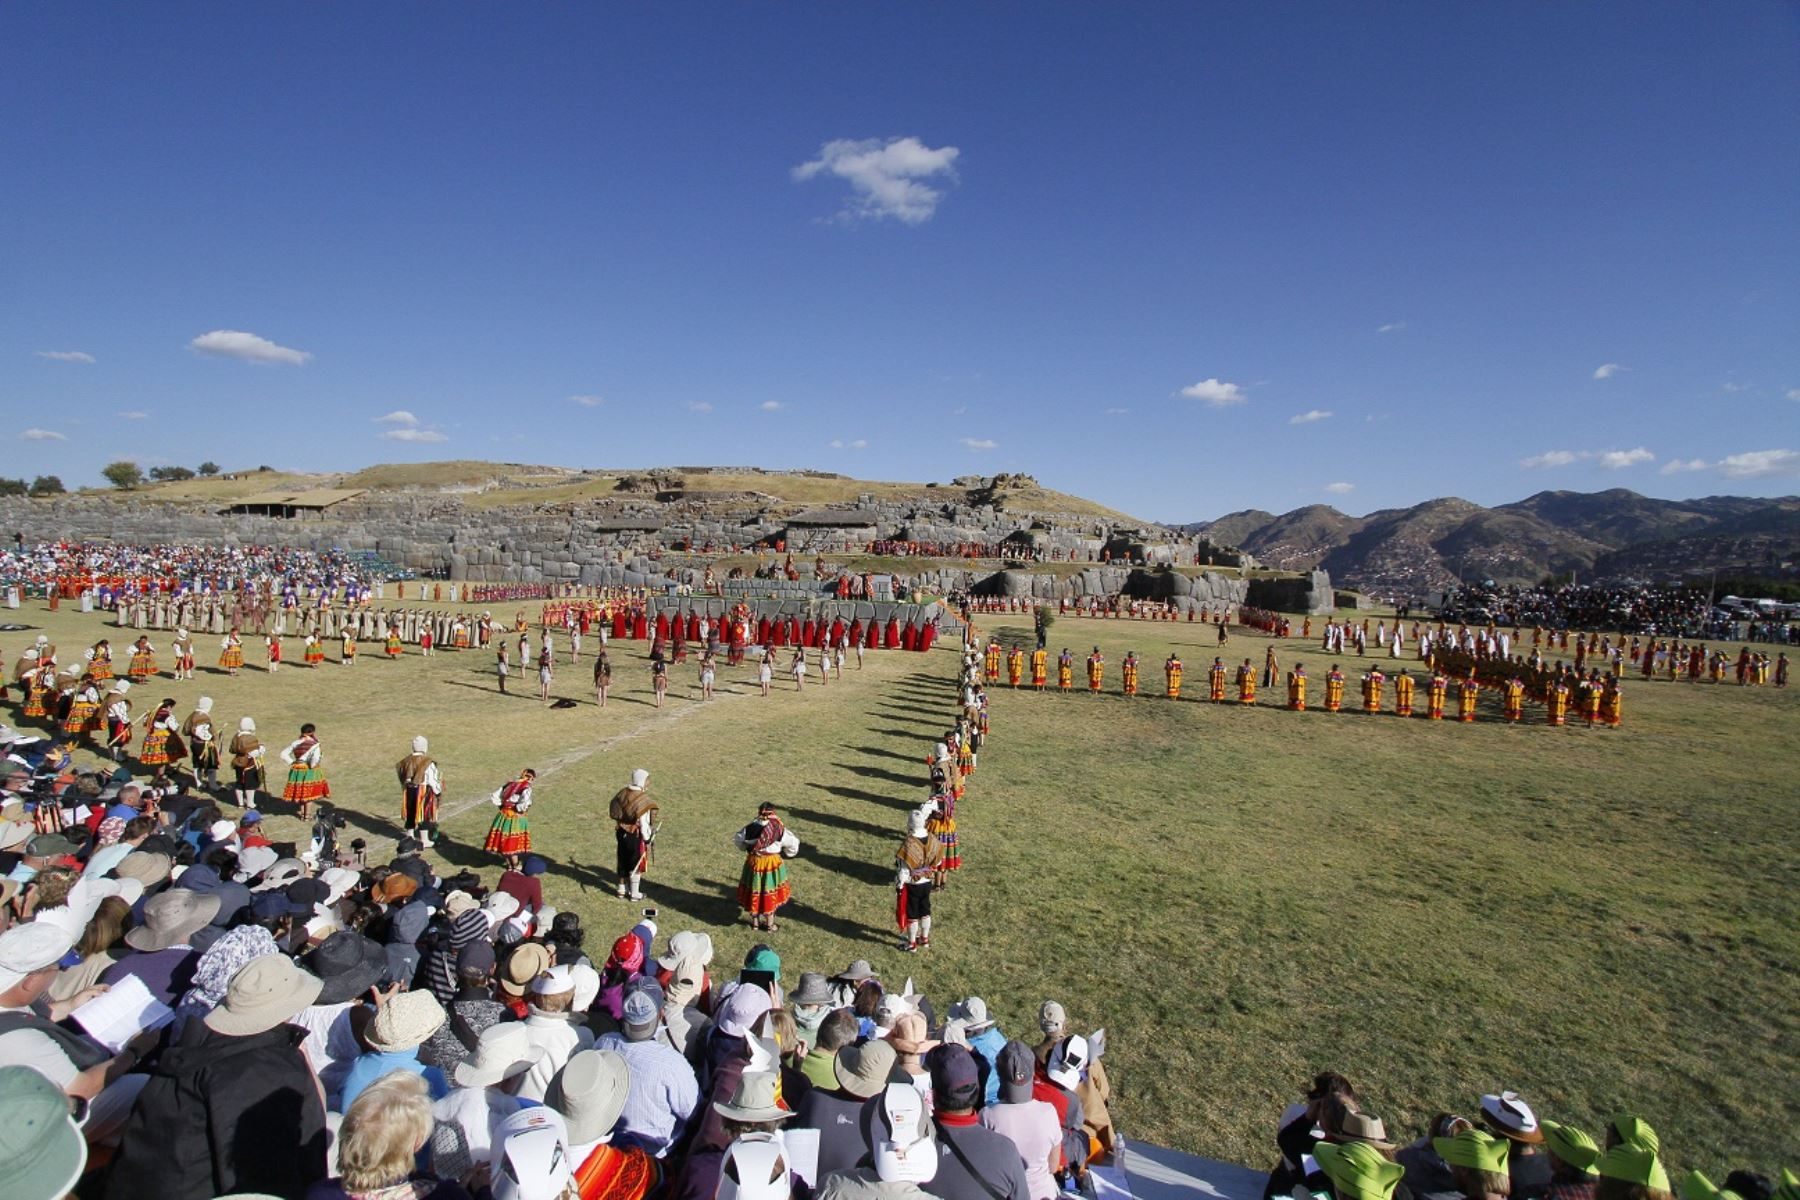 La explanada del parque arqueológico de Sacsayhuamán recibió el 24 de junio de este año a más de 50,000 cusqueños y turistas extranjeros, para celebrar el Inti Raymi. Foto: ANDINA/Percy Hurtado